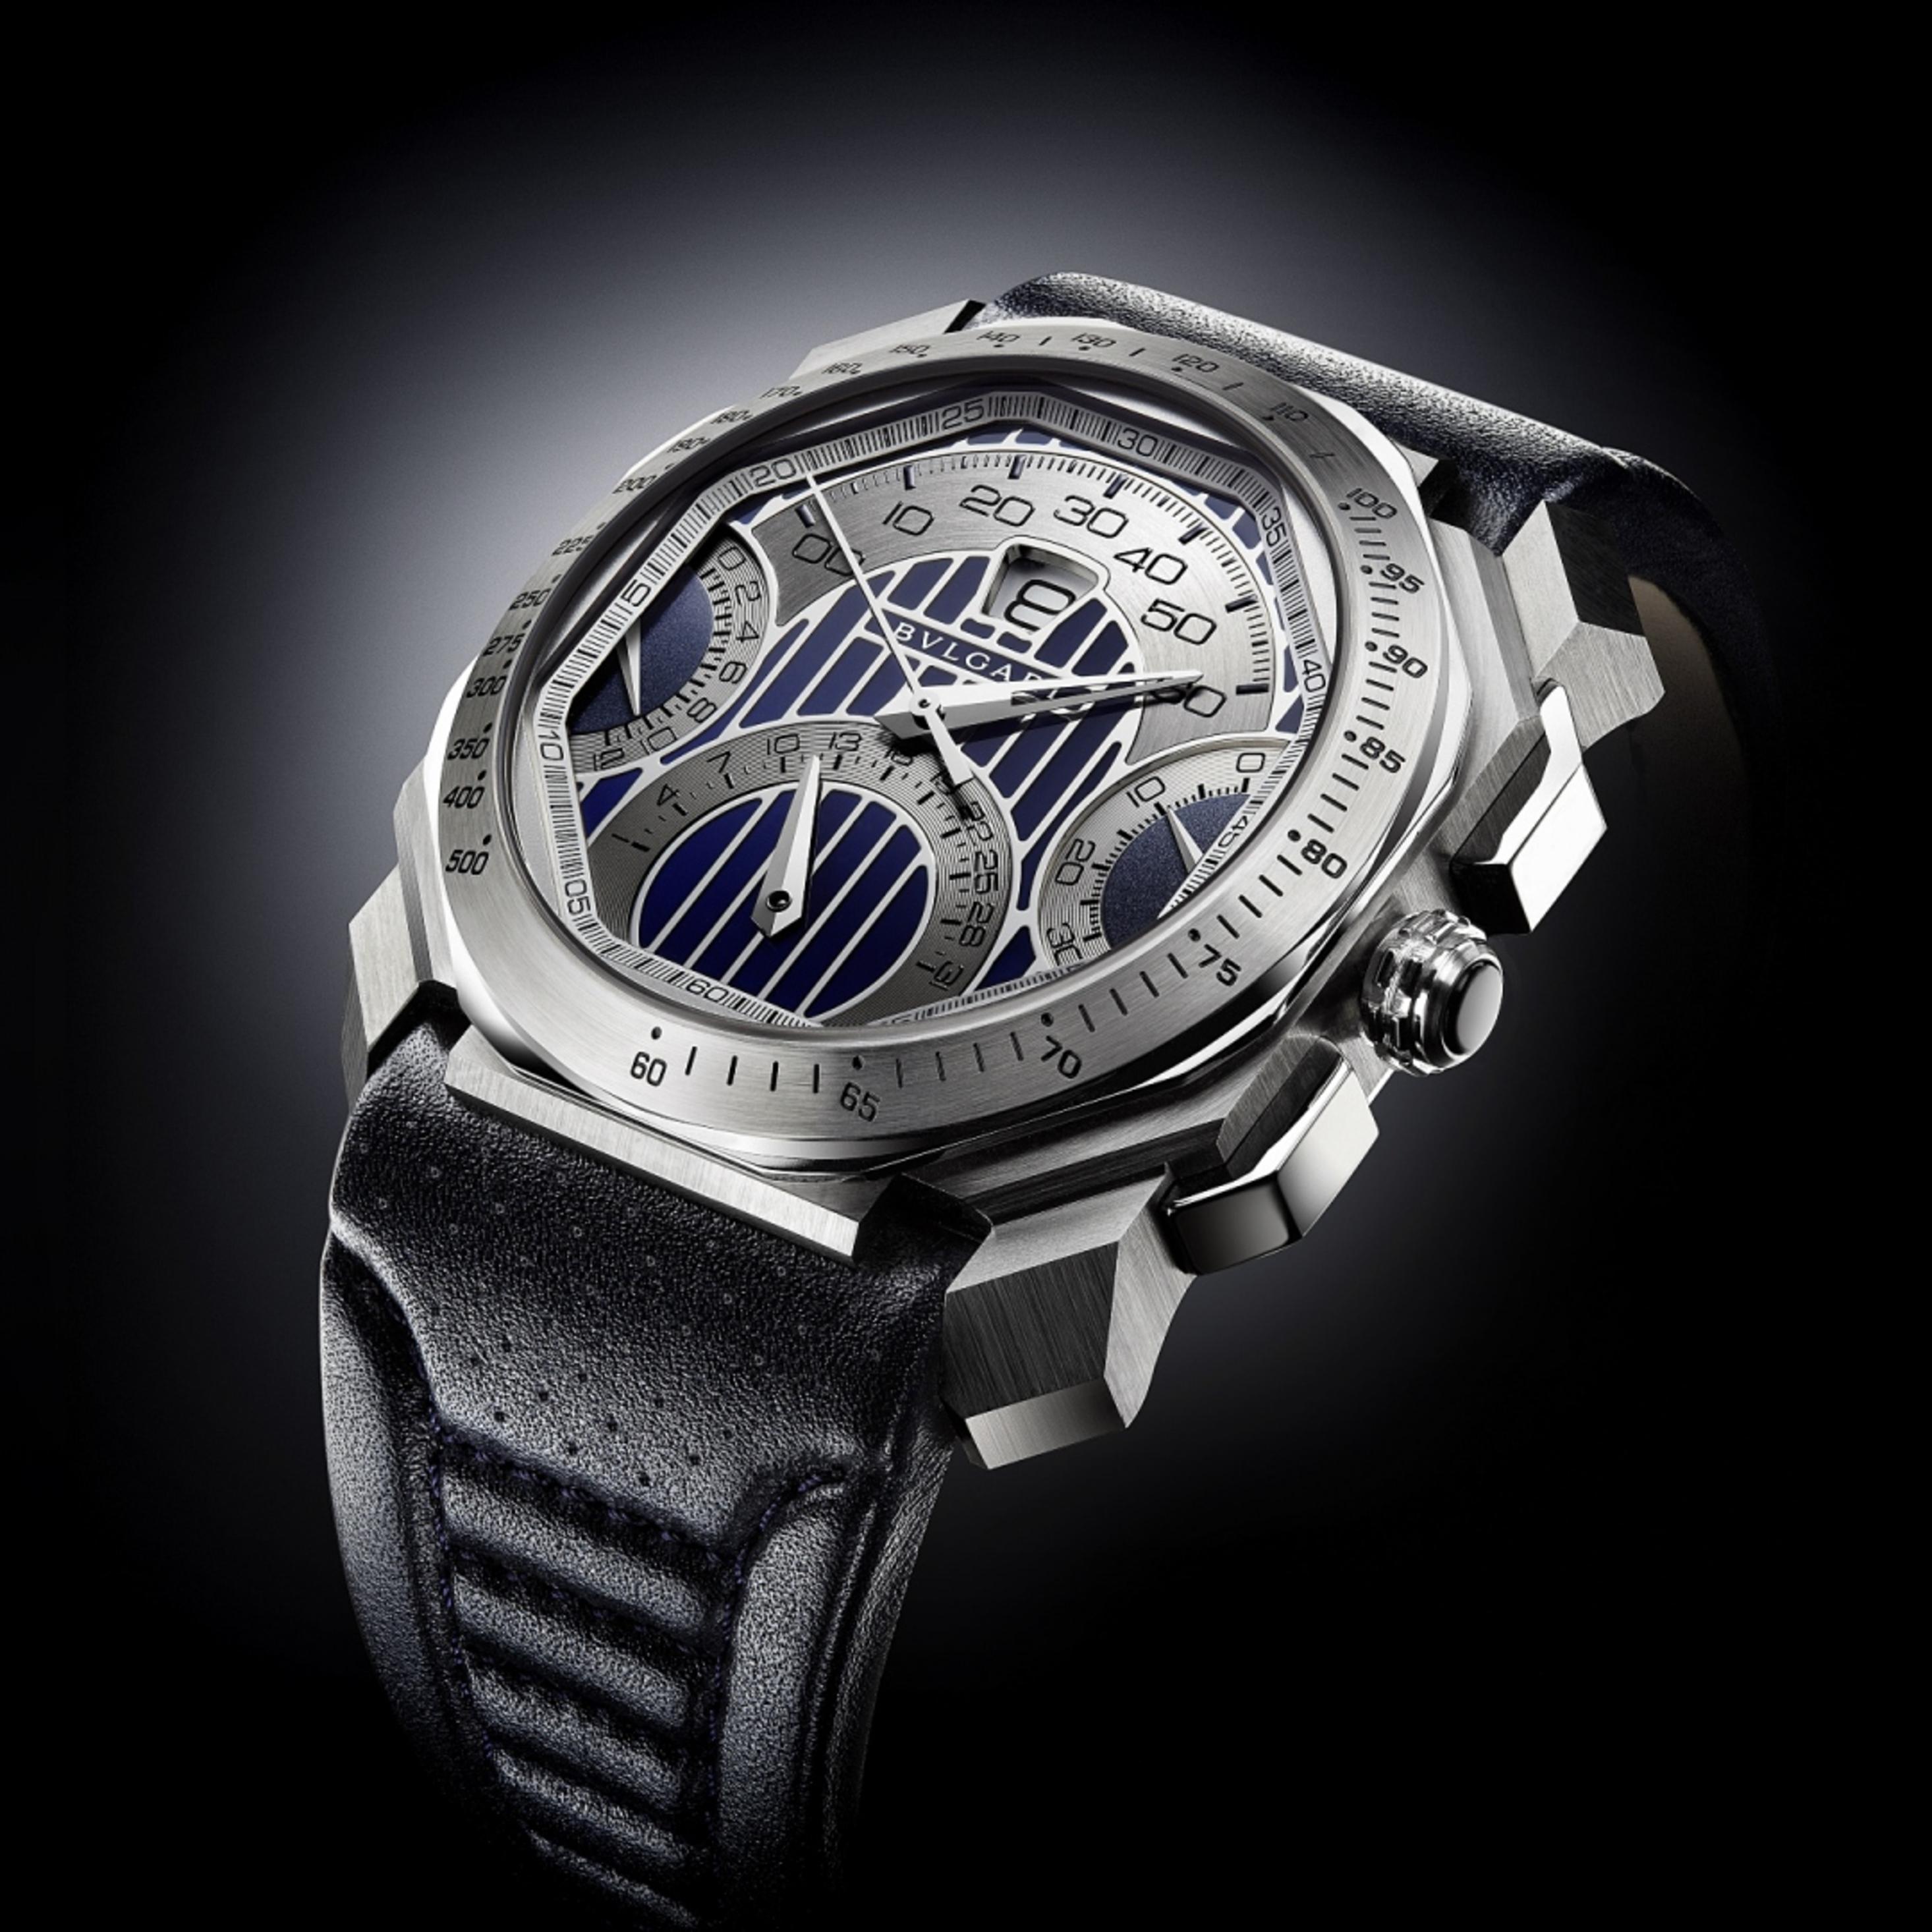 maserati-watches-pic.jpg